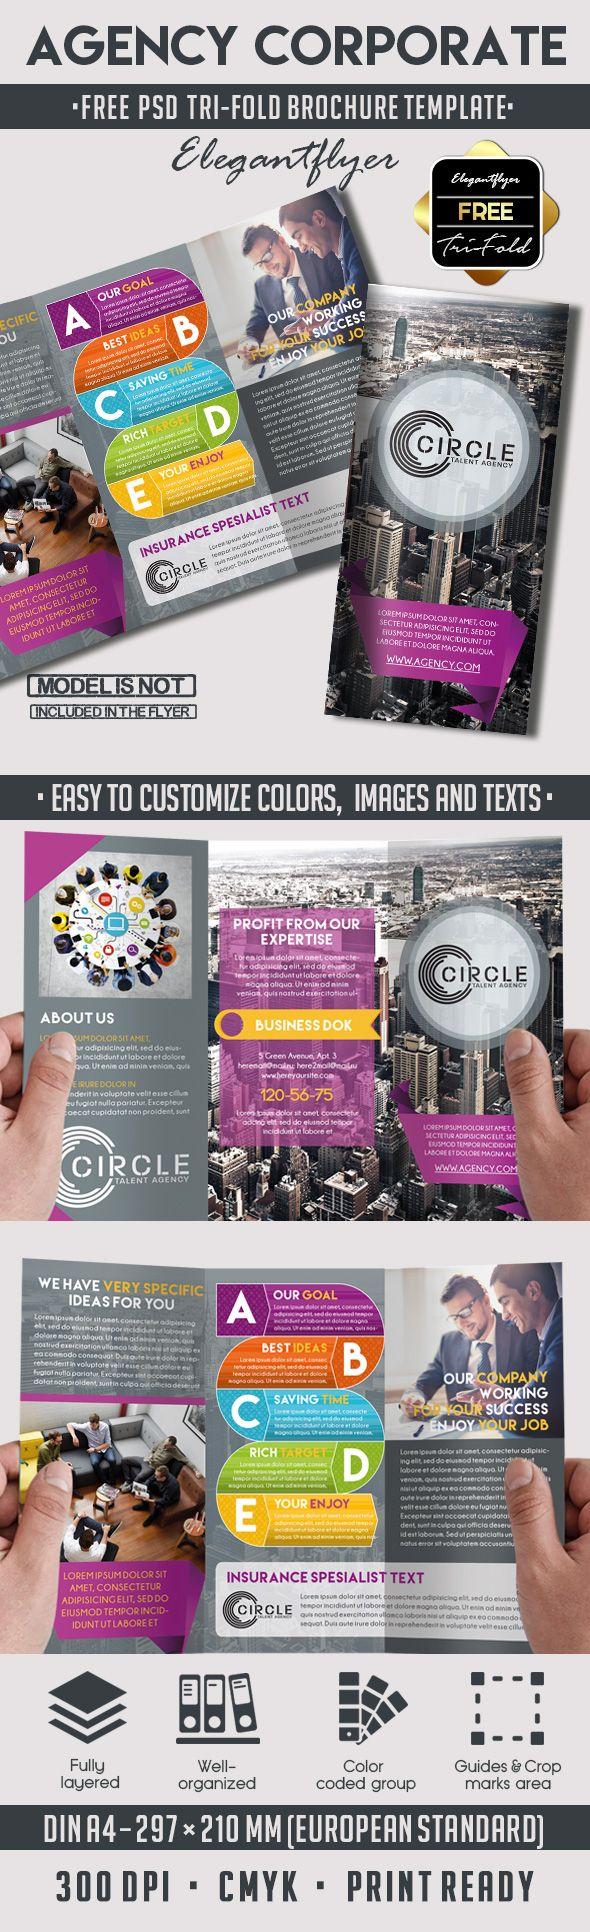 agency free psd tri fold psd brochure template